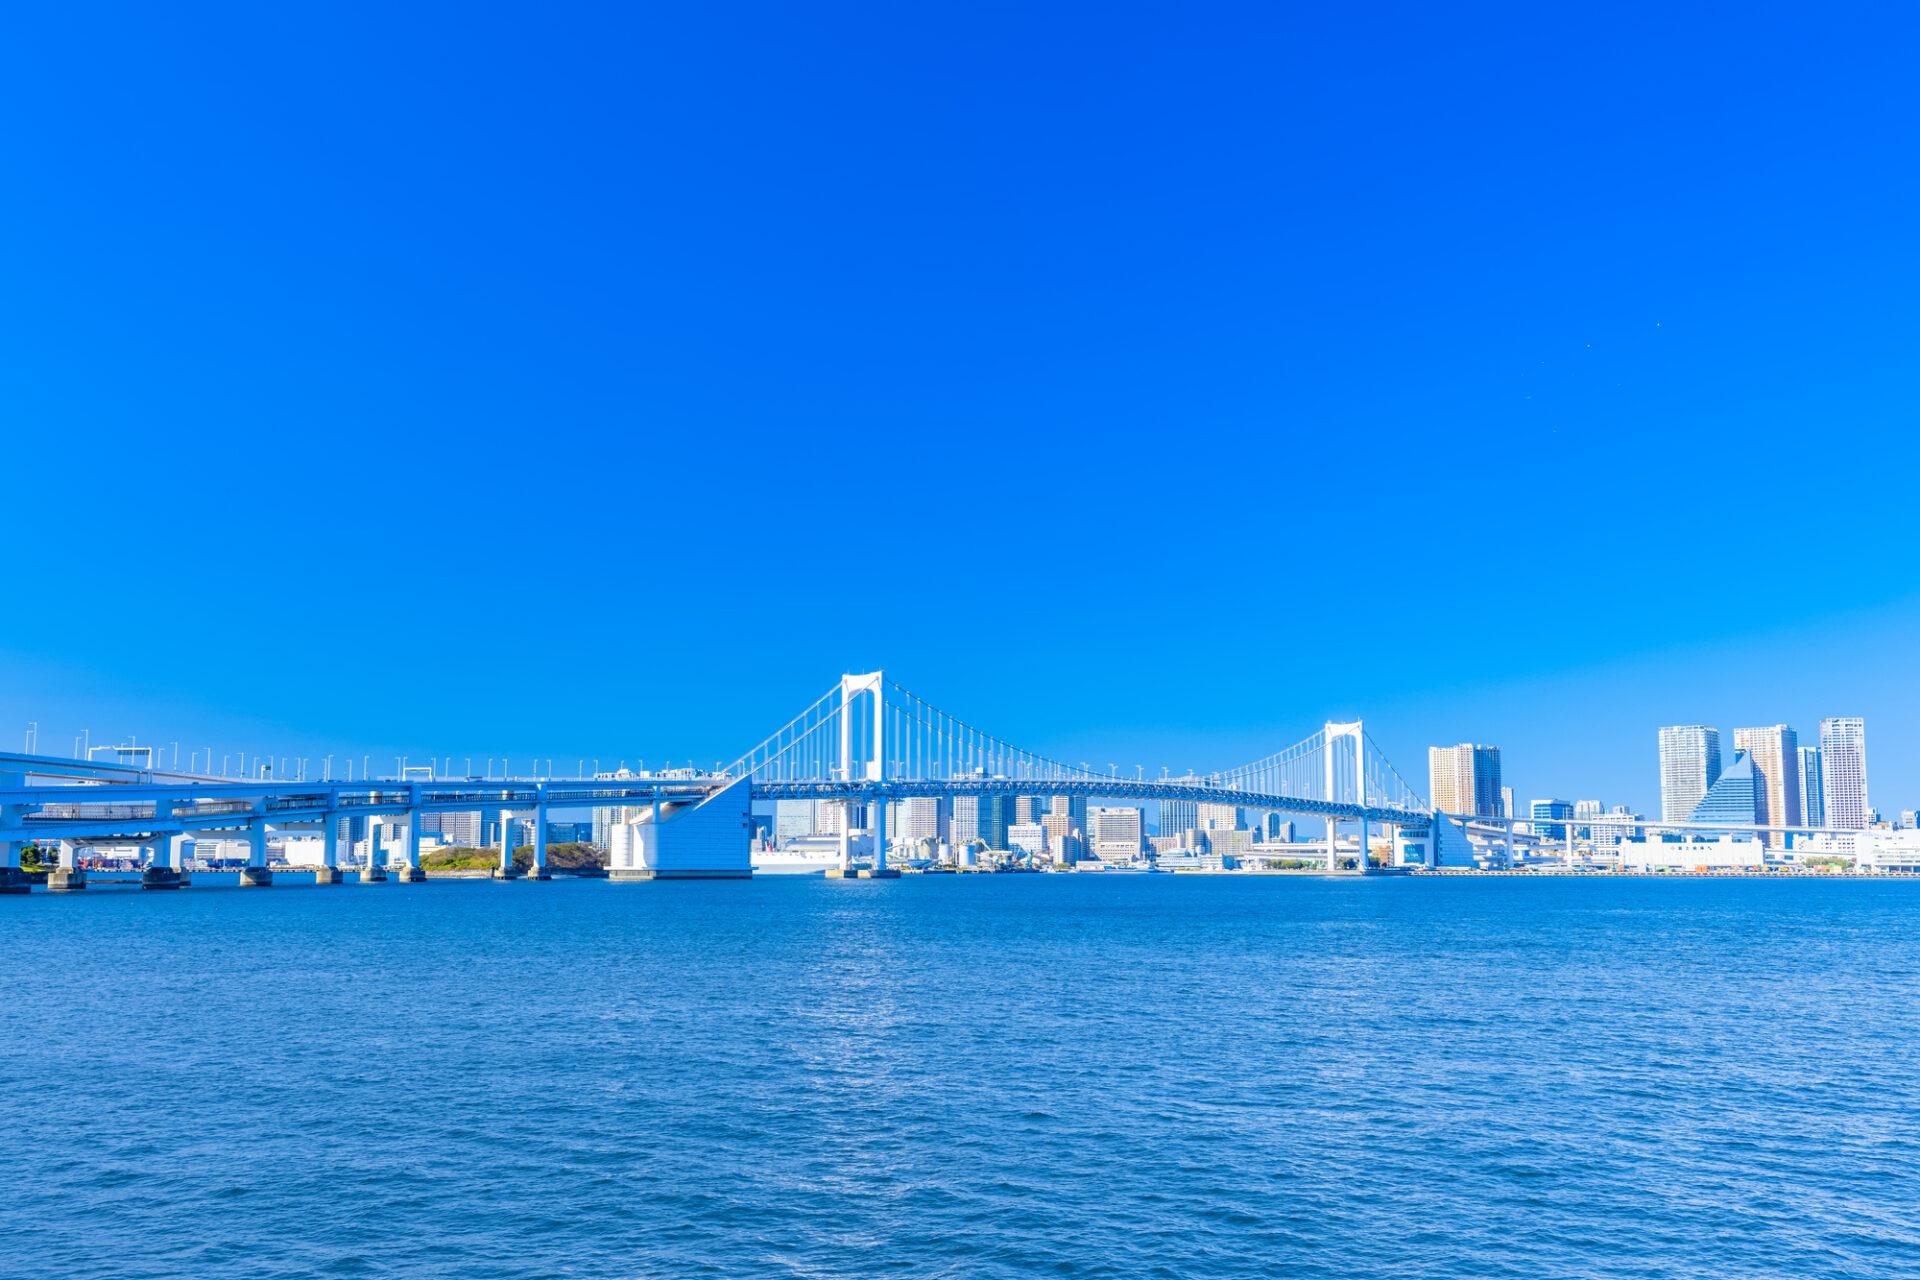 レインボーブリッジと海